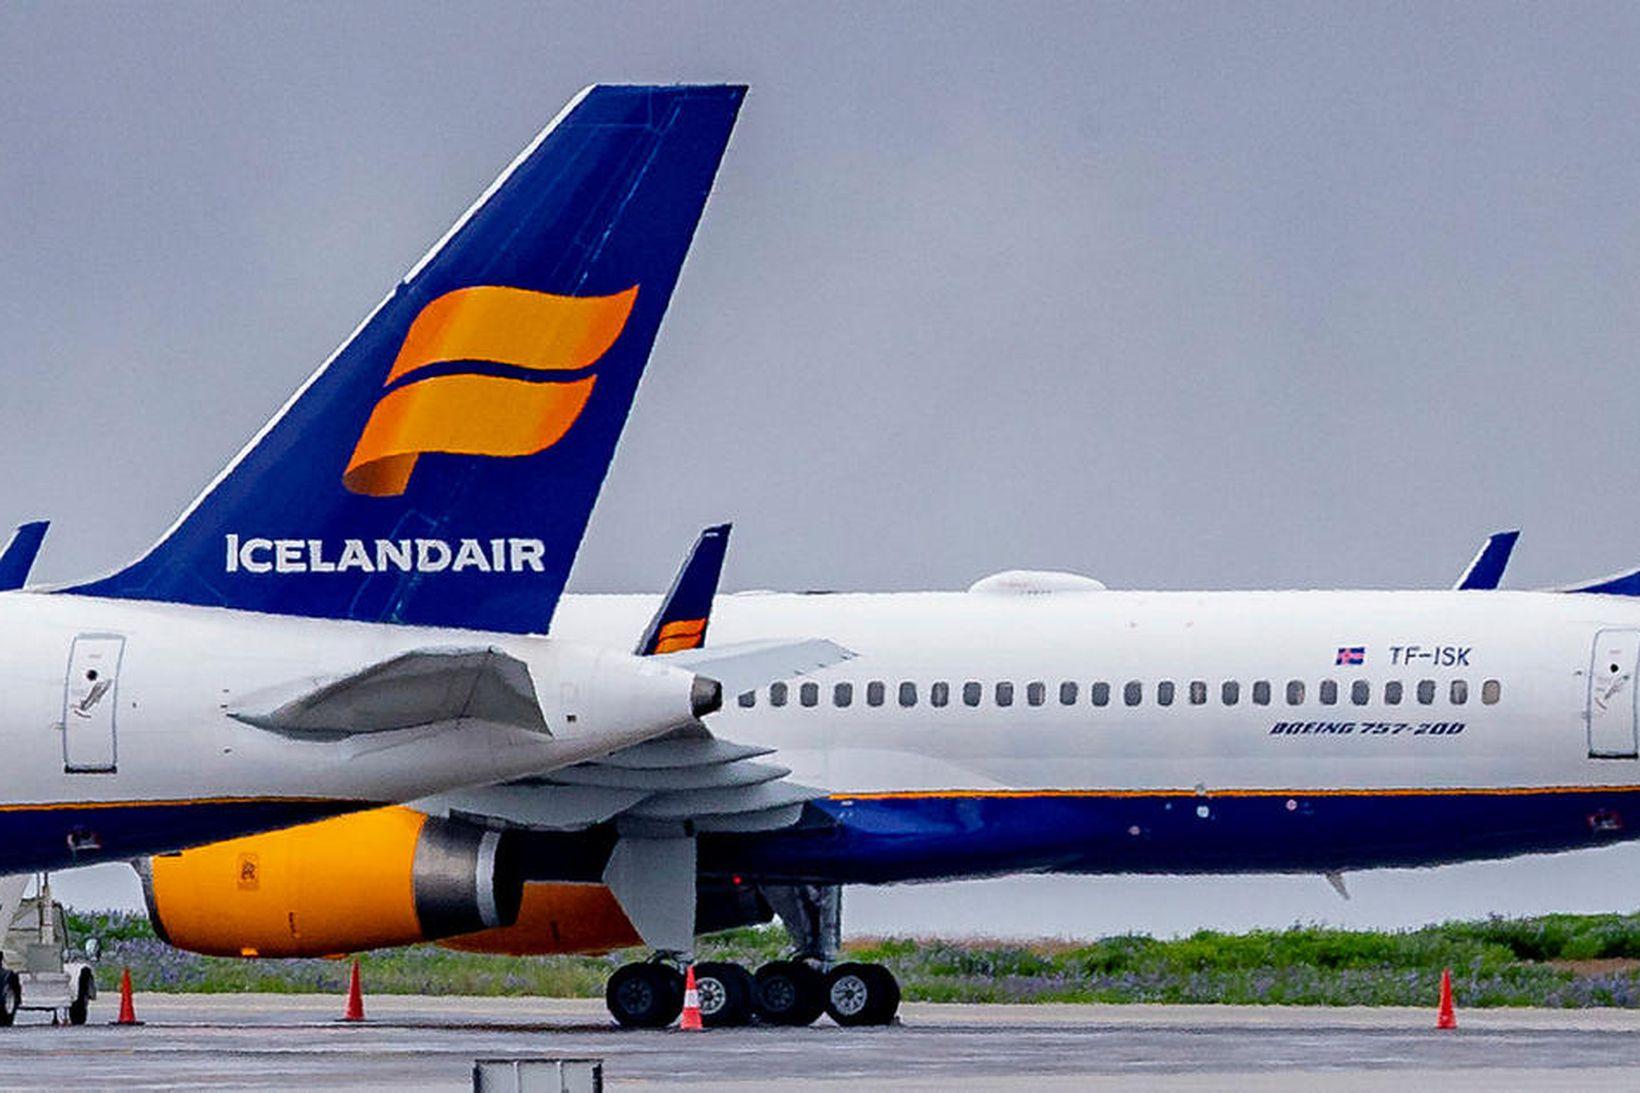 Stjórnendur Icelandair keyptu í félaginu fyrir 94 milljónir í útboðinu.